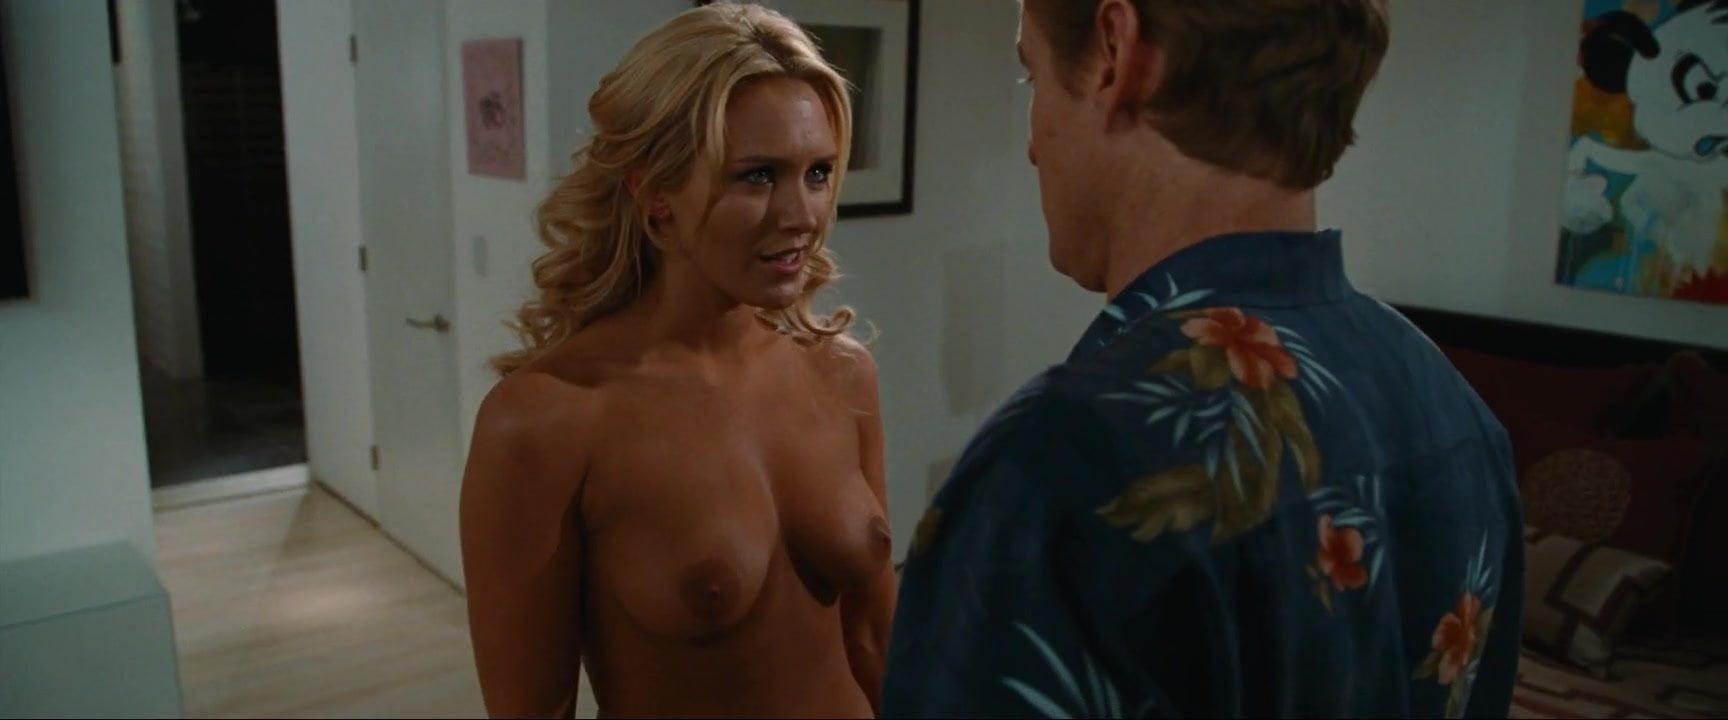 Amateur latina big ass nude